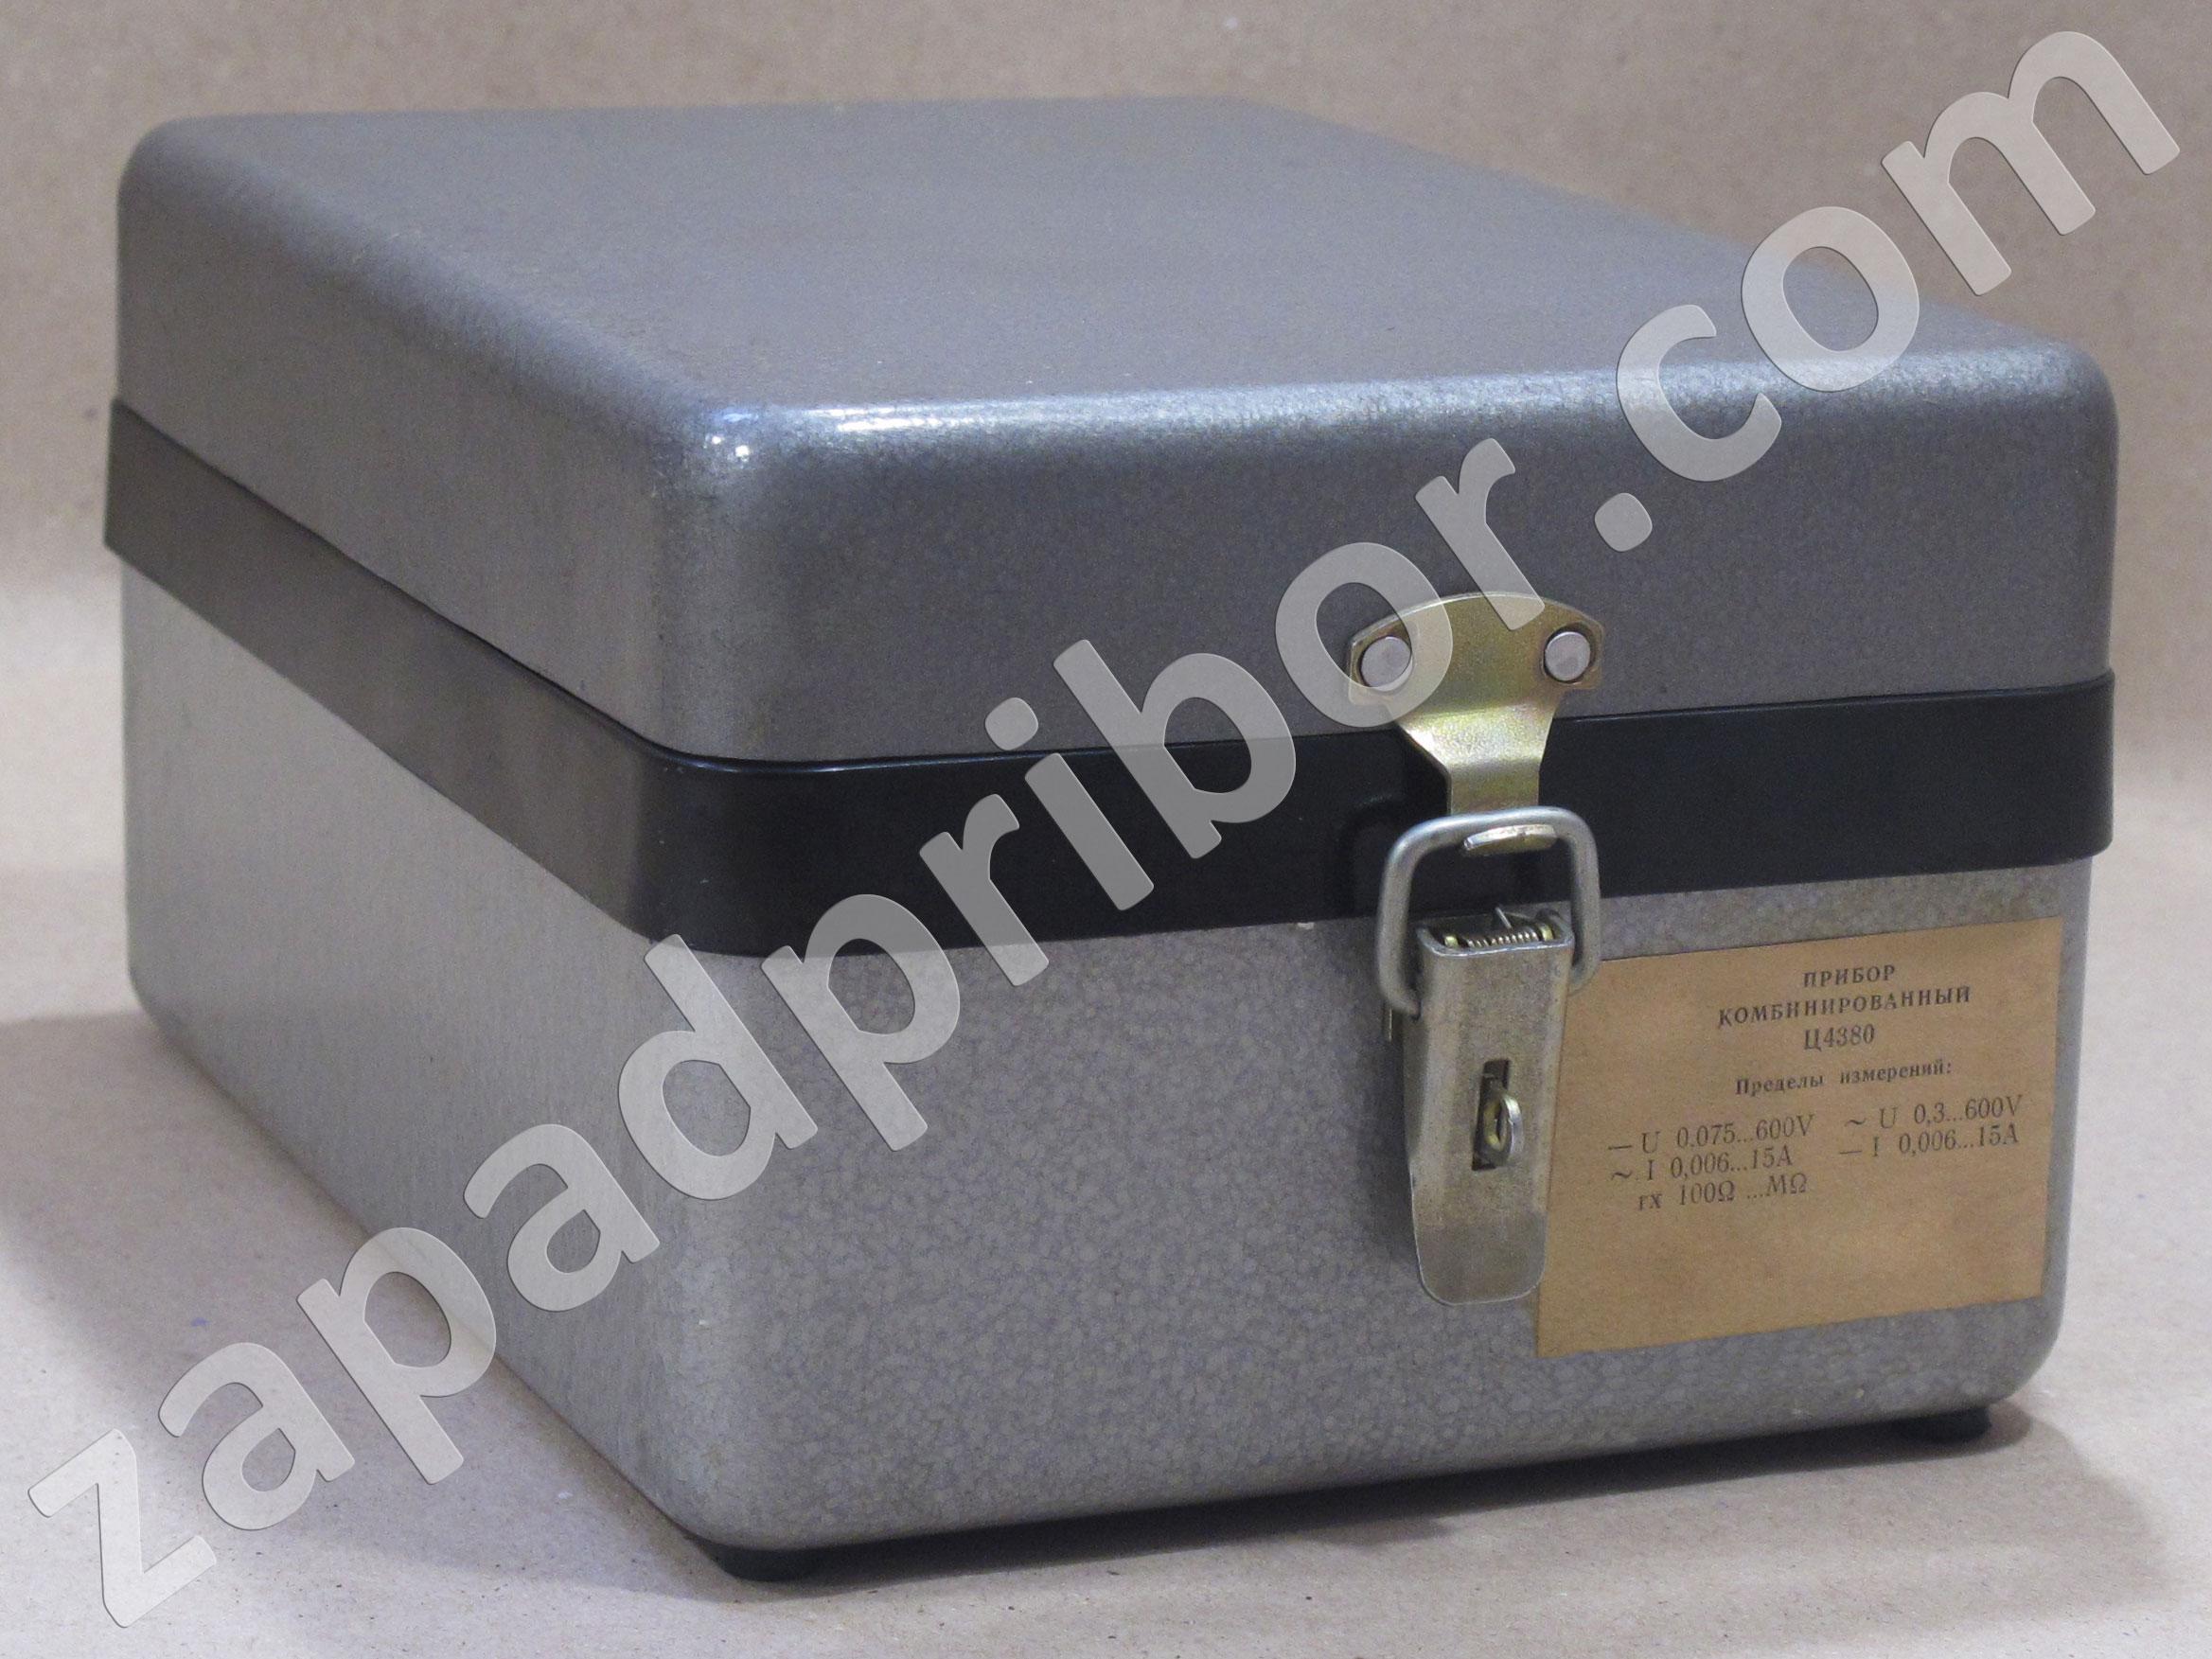 комбинированный прибор ц4315 инструкция по применению